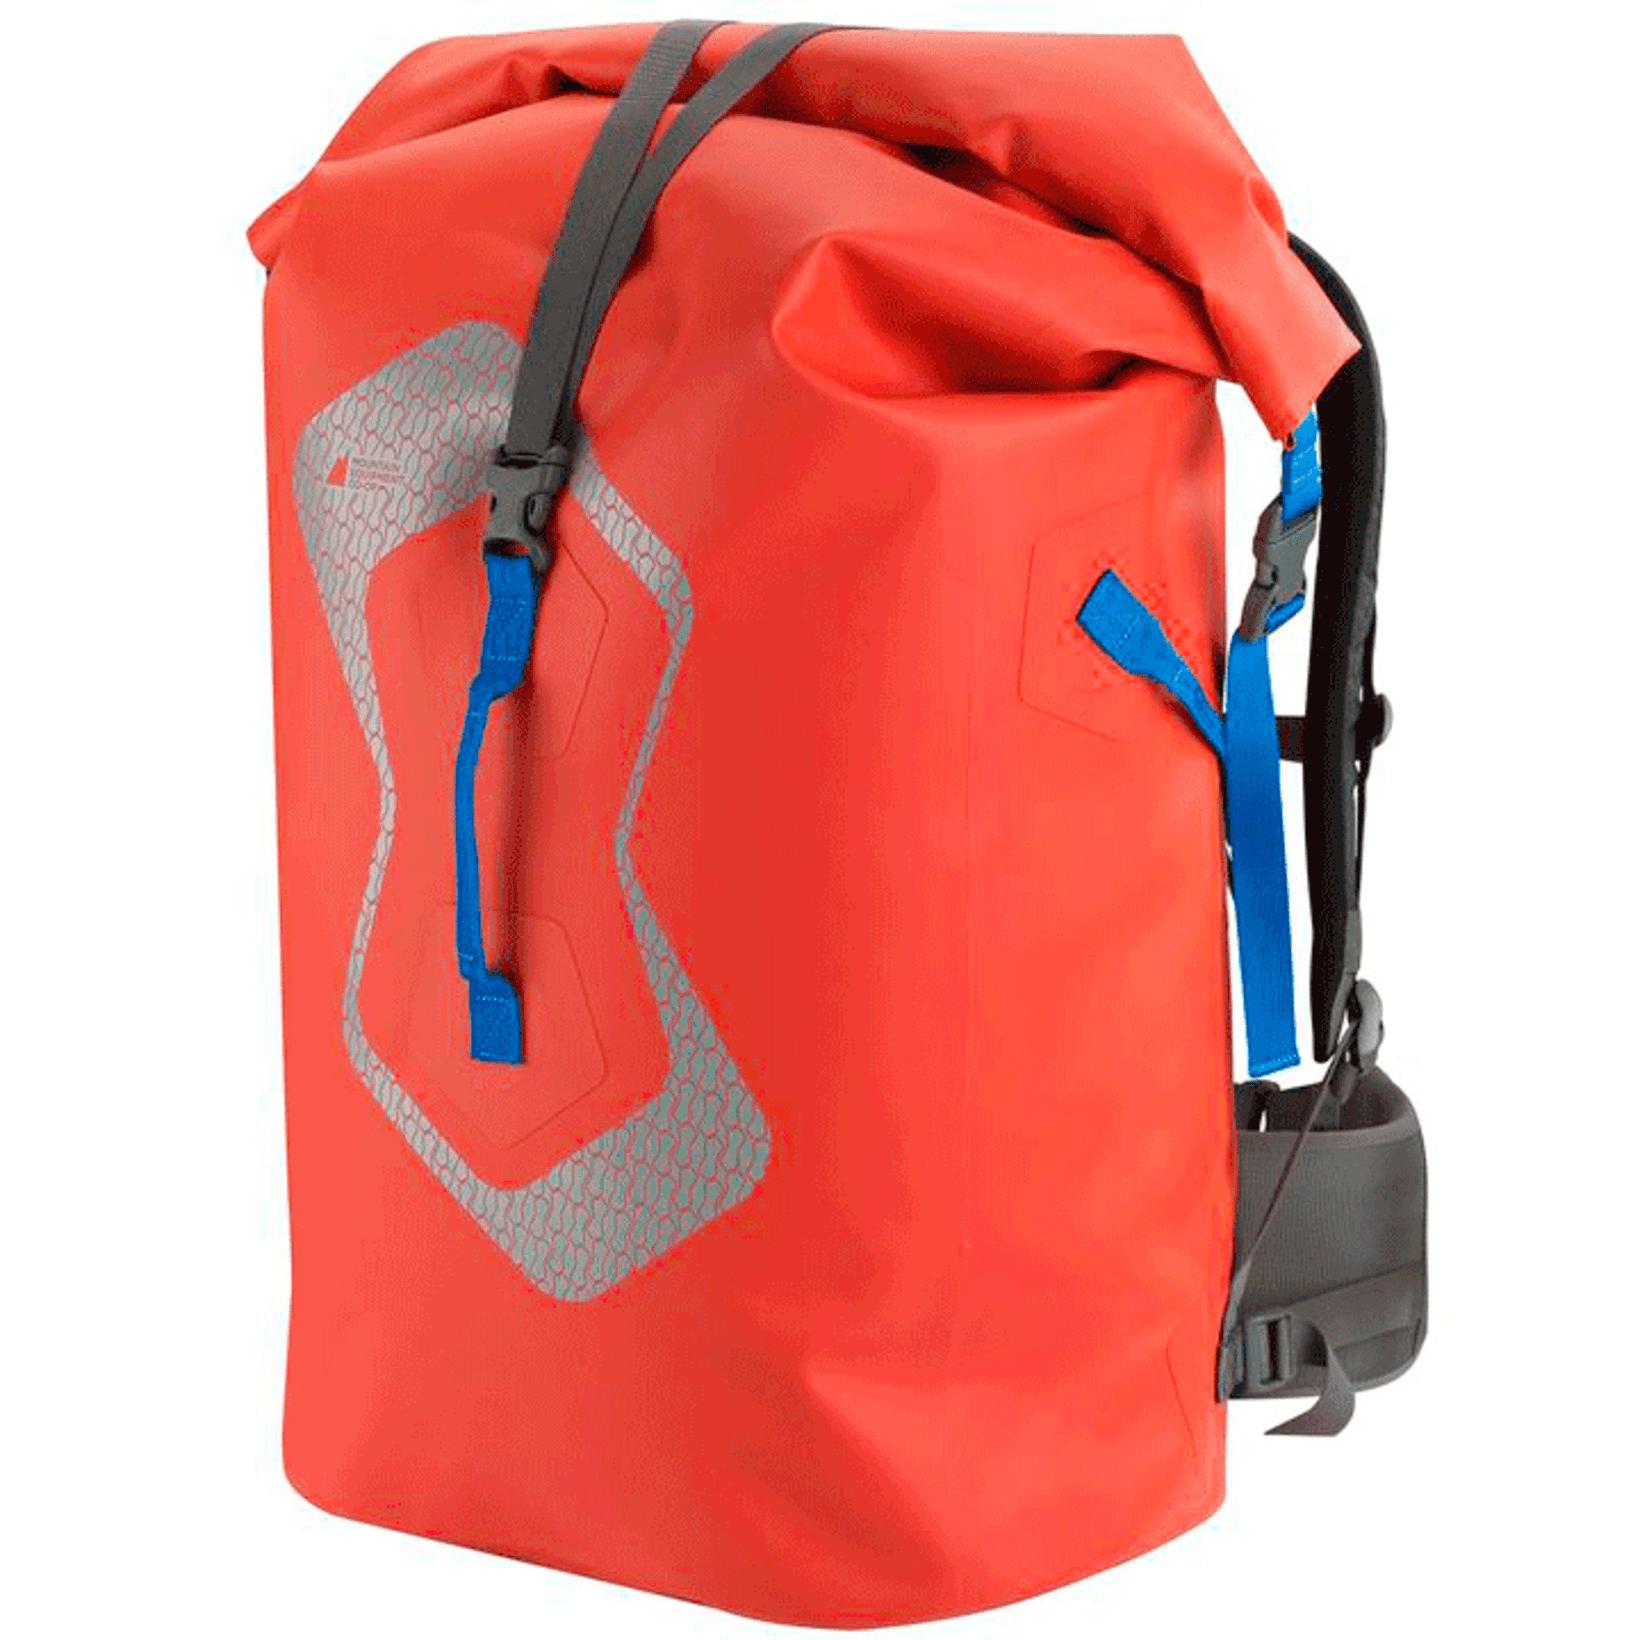 Dry Bag Pack 70L - front